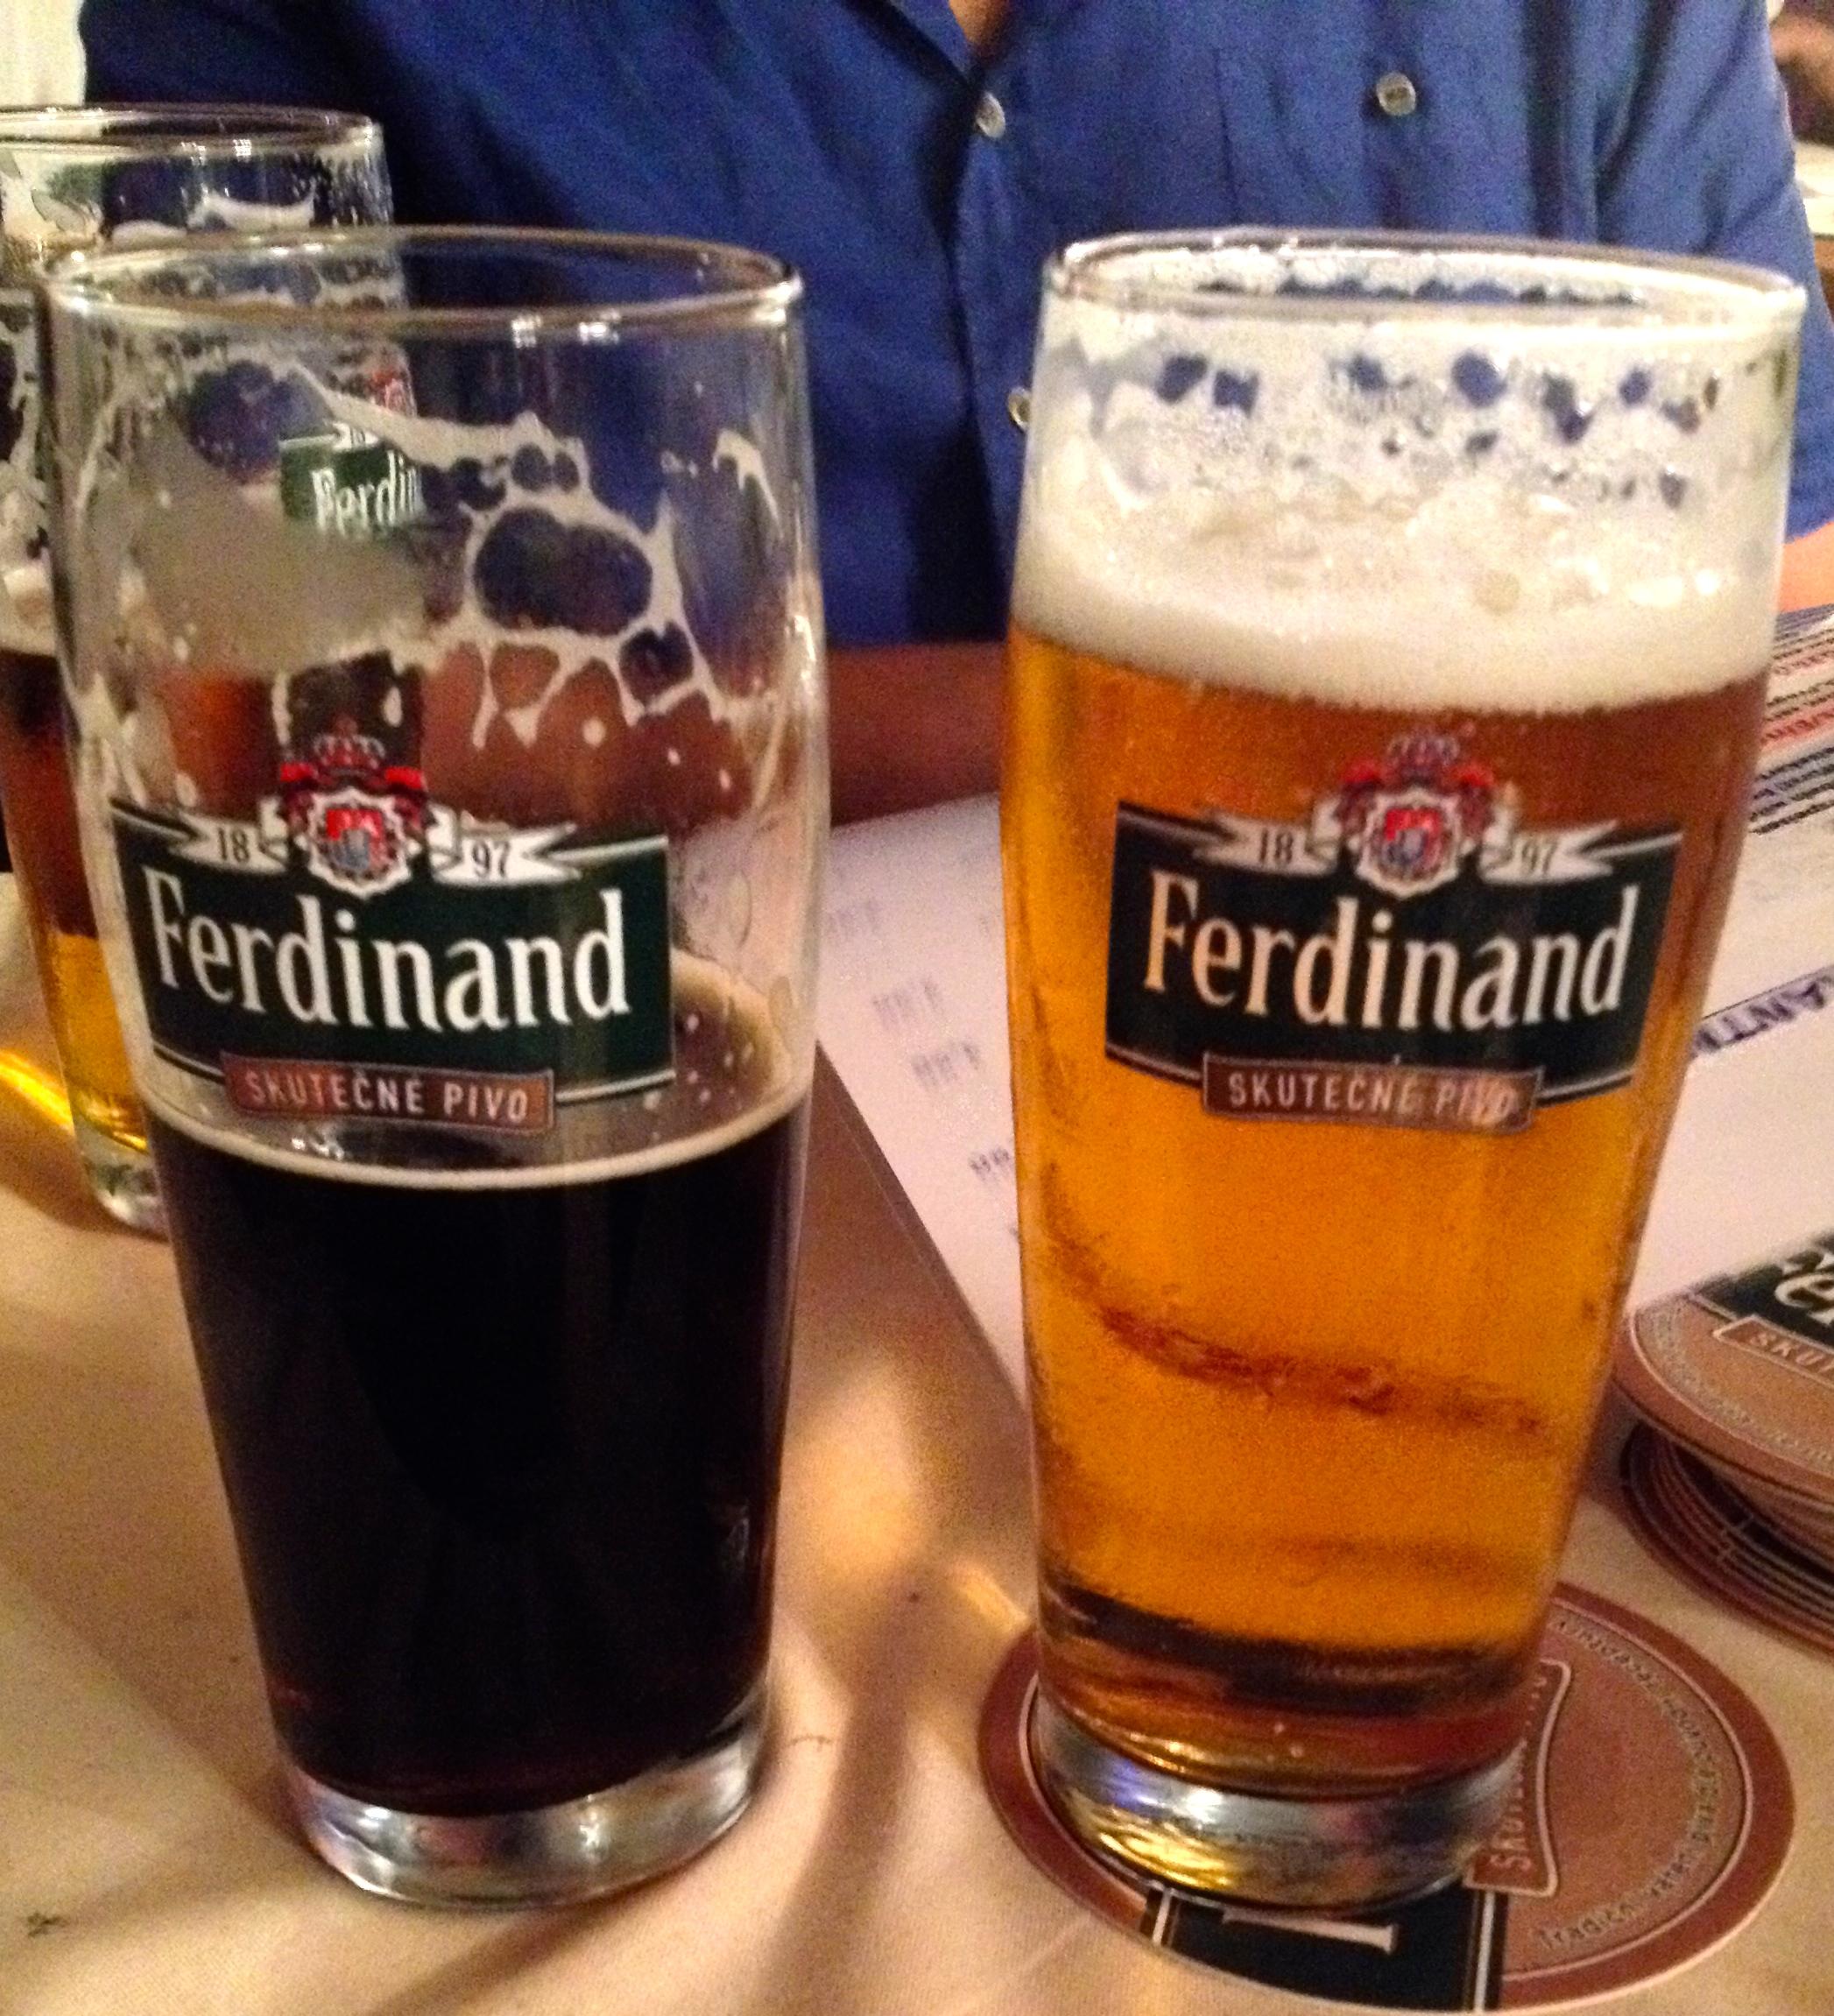 Ferdinand dark beer and the d'Este